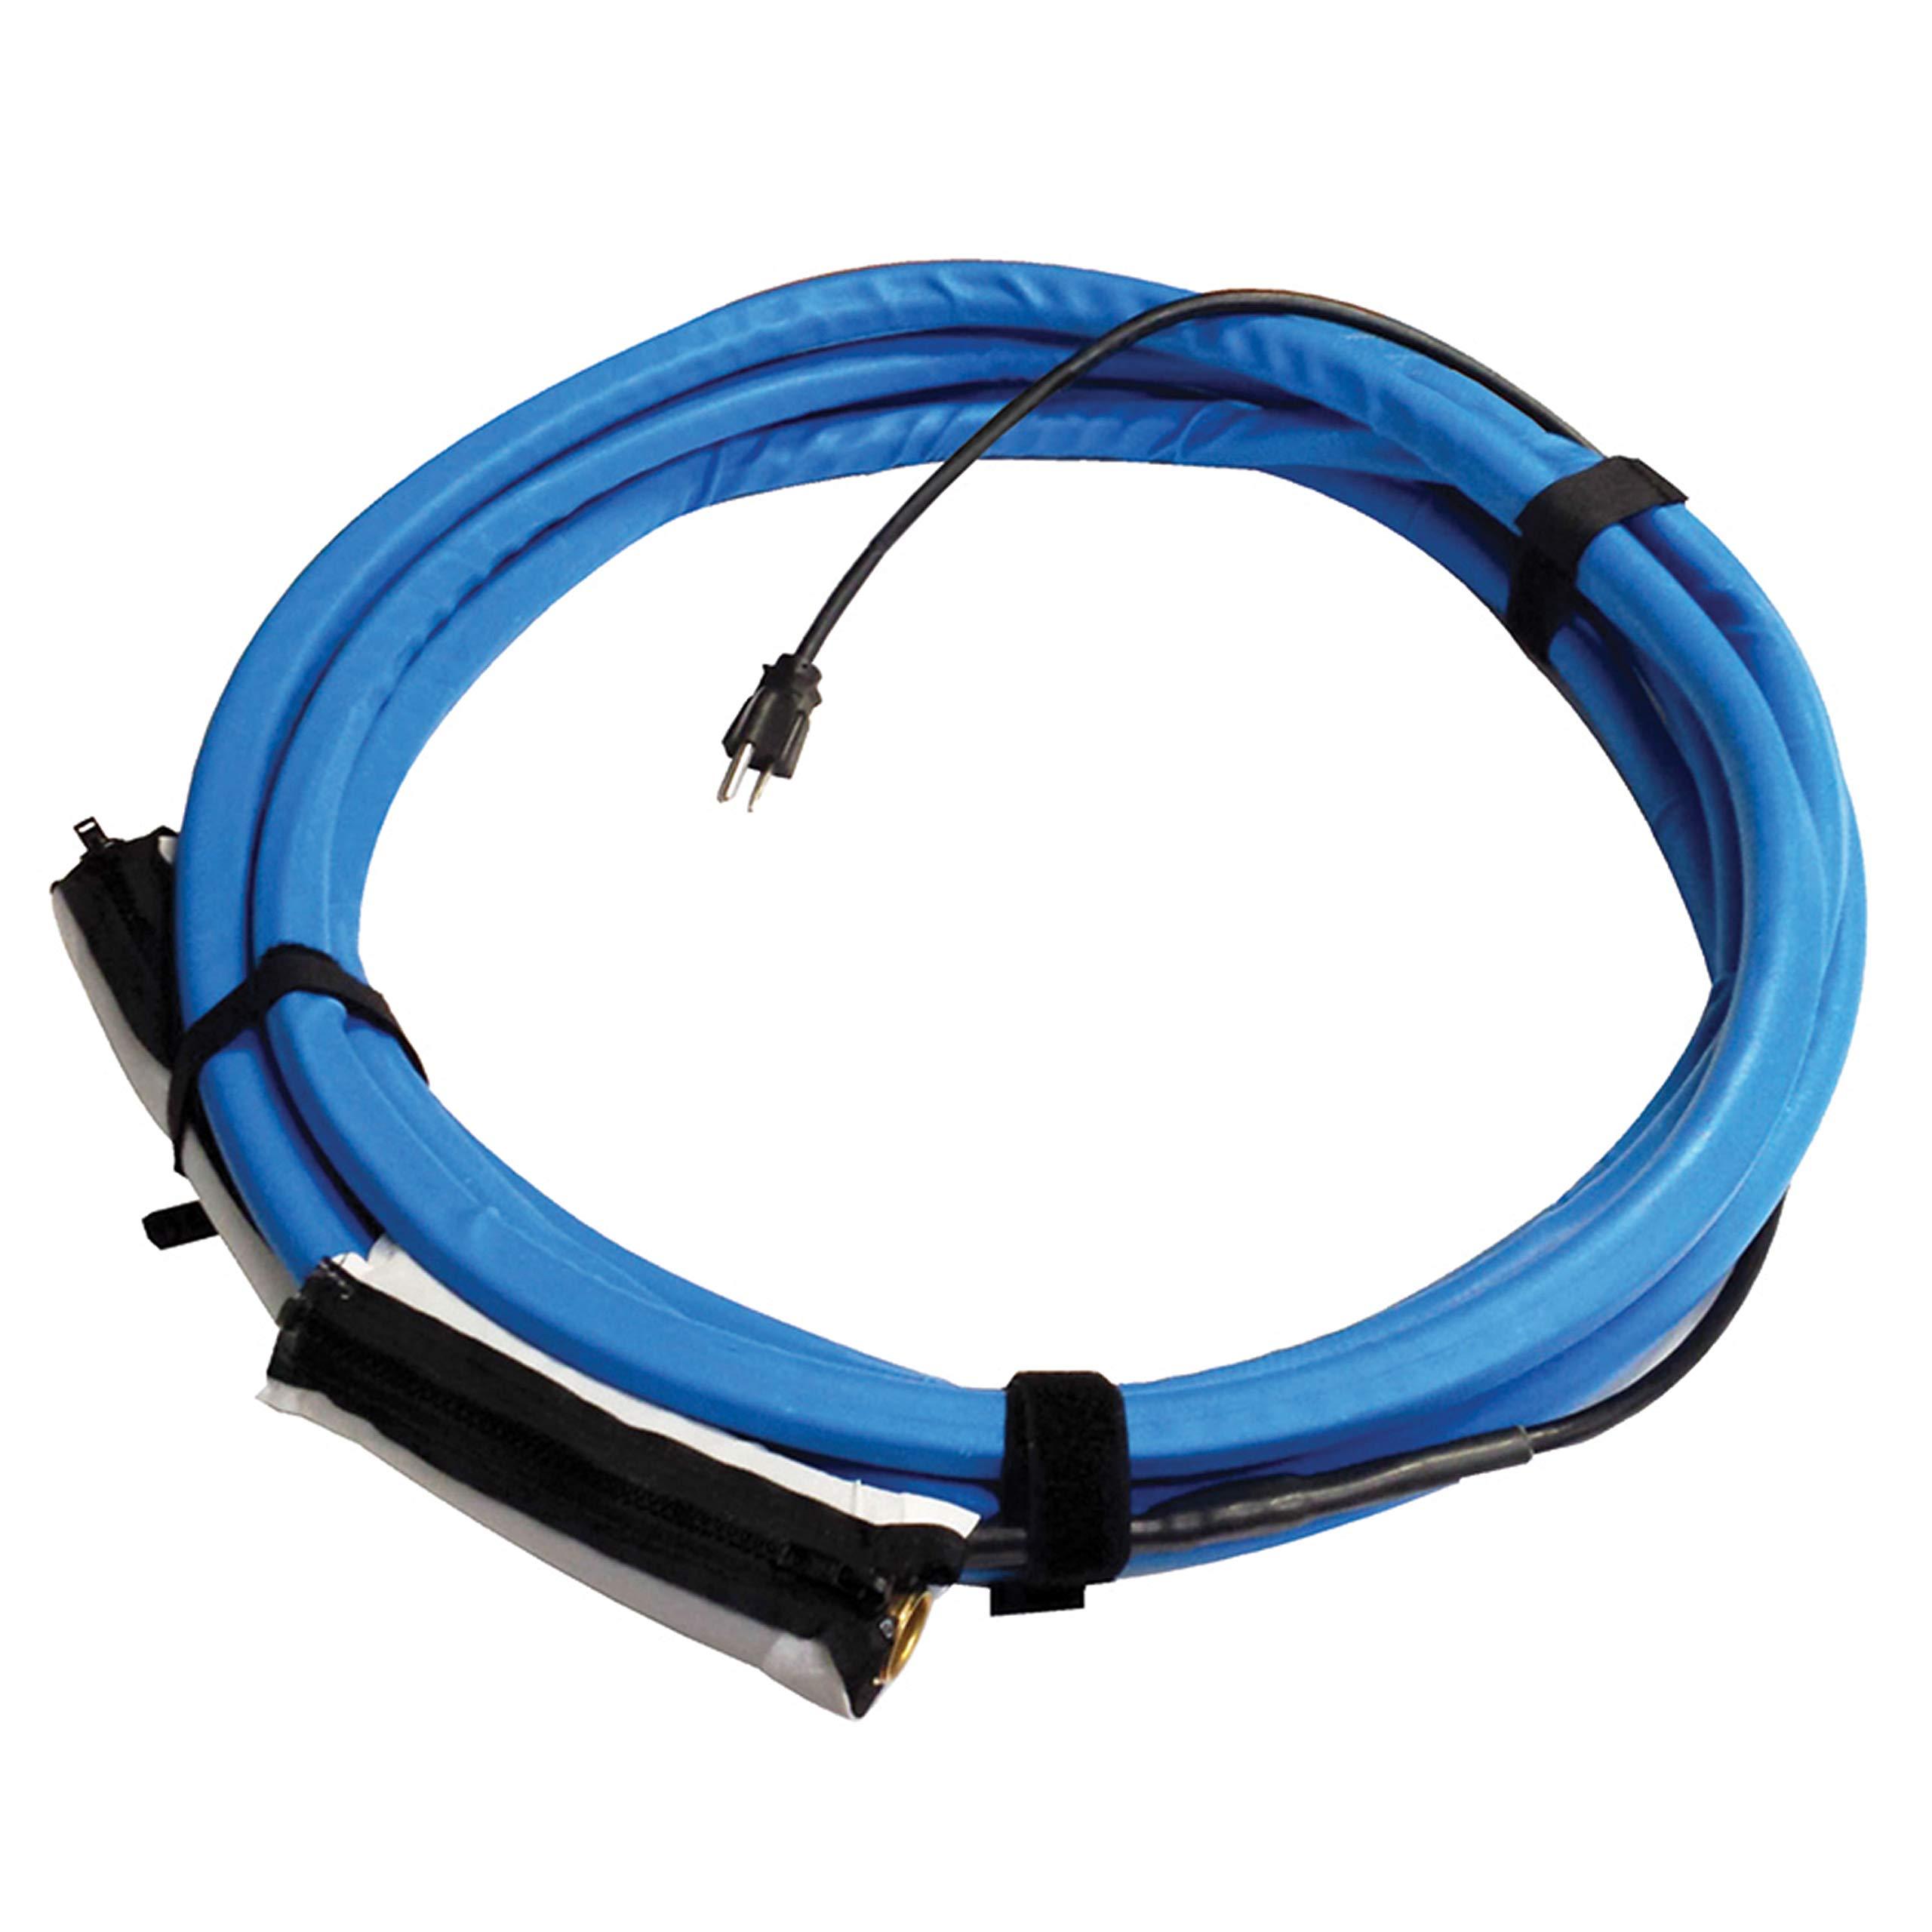 Valterra W01-5325 Heated Fresh Water Hose - 25', Blue by Valterra